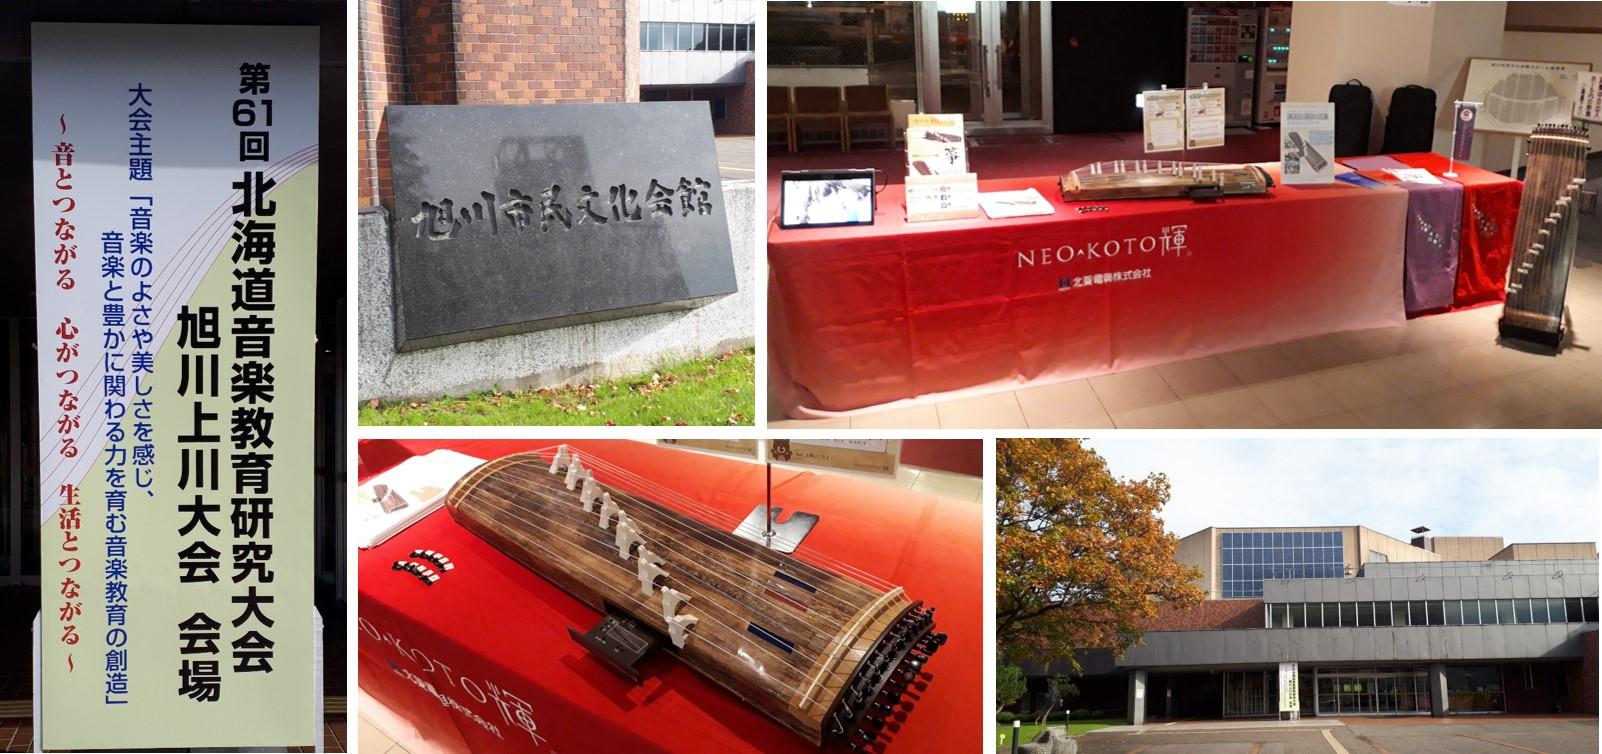 2019年10月11日:第61回北海道音楽教育研究大会 旭川上川大会に出展